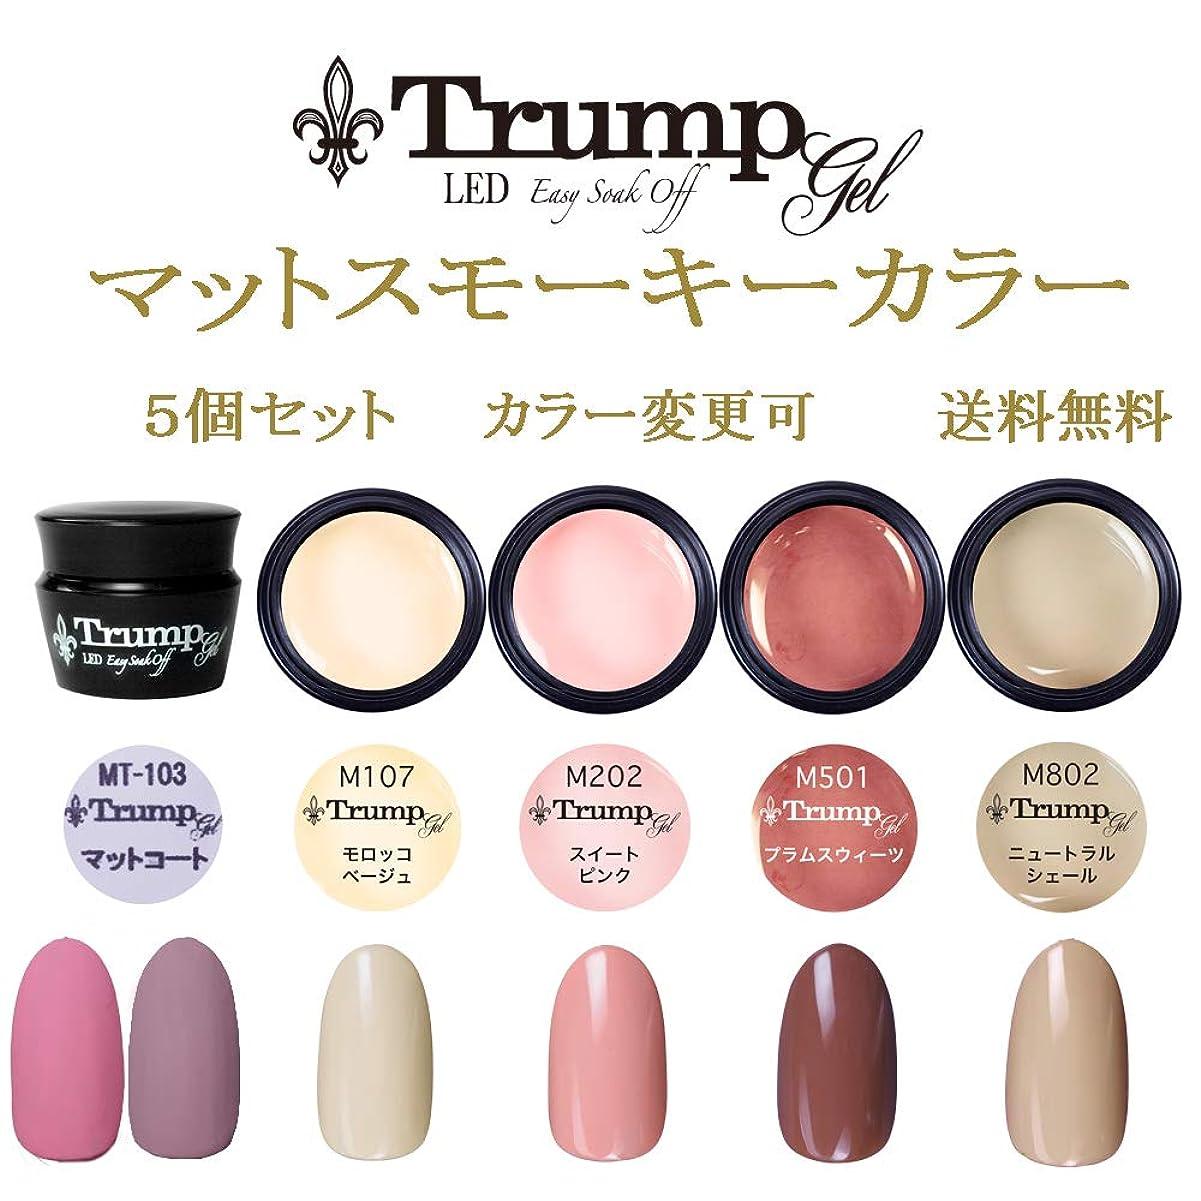 アベニュー奇跡的な侵略【送料無料】日本製 Trump gel トランプジェル マットスモーキー カラージェル 5個セット 魅惑のフロストマットトップとマットに合う人気カラーをチョイス